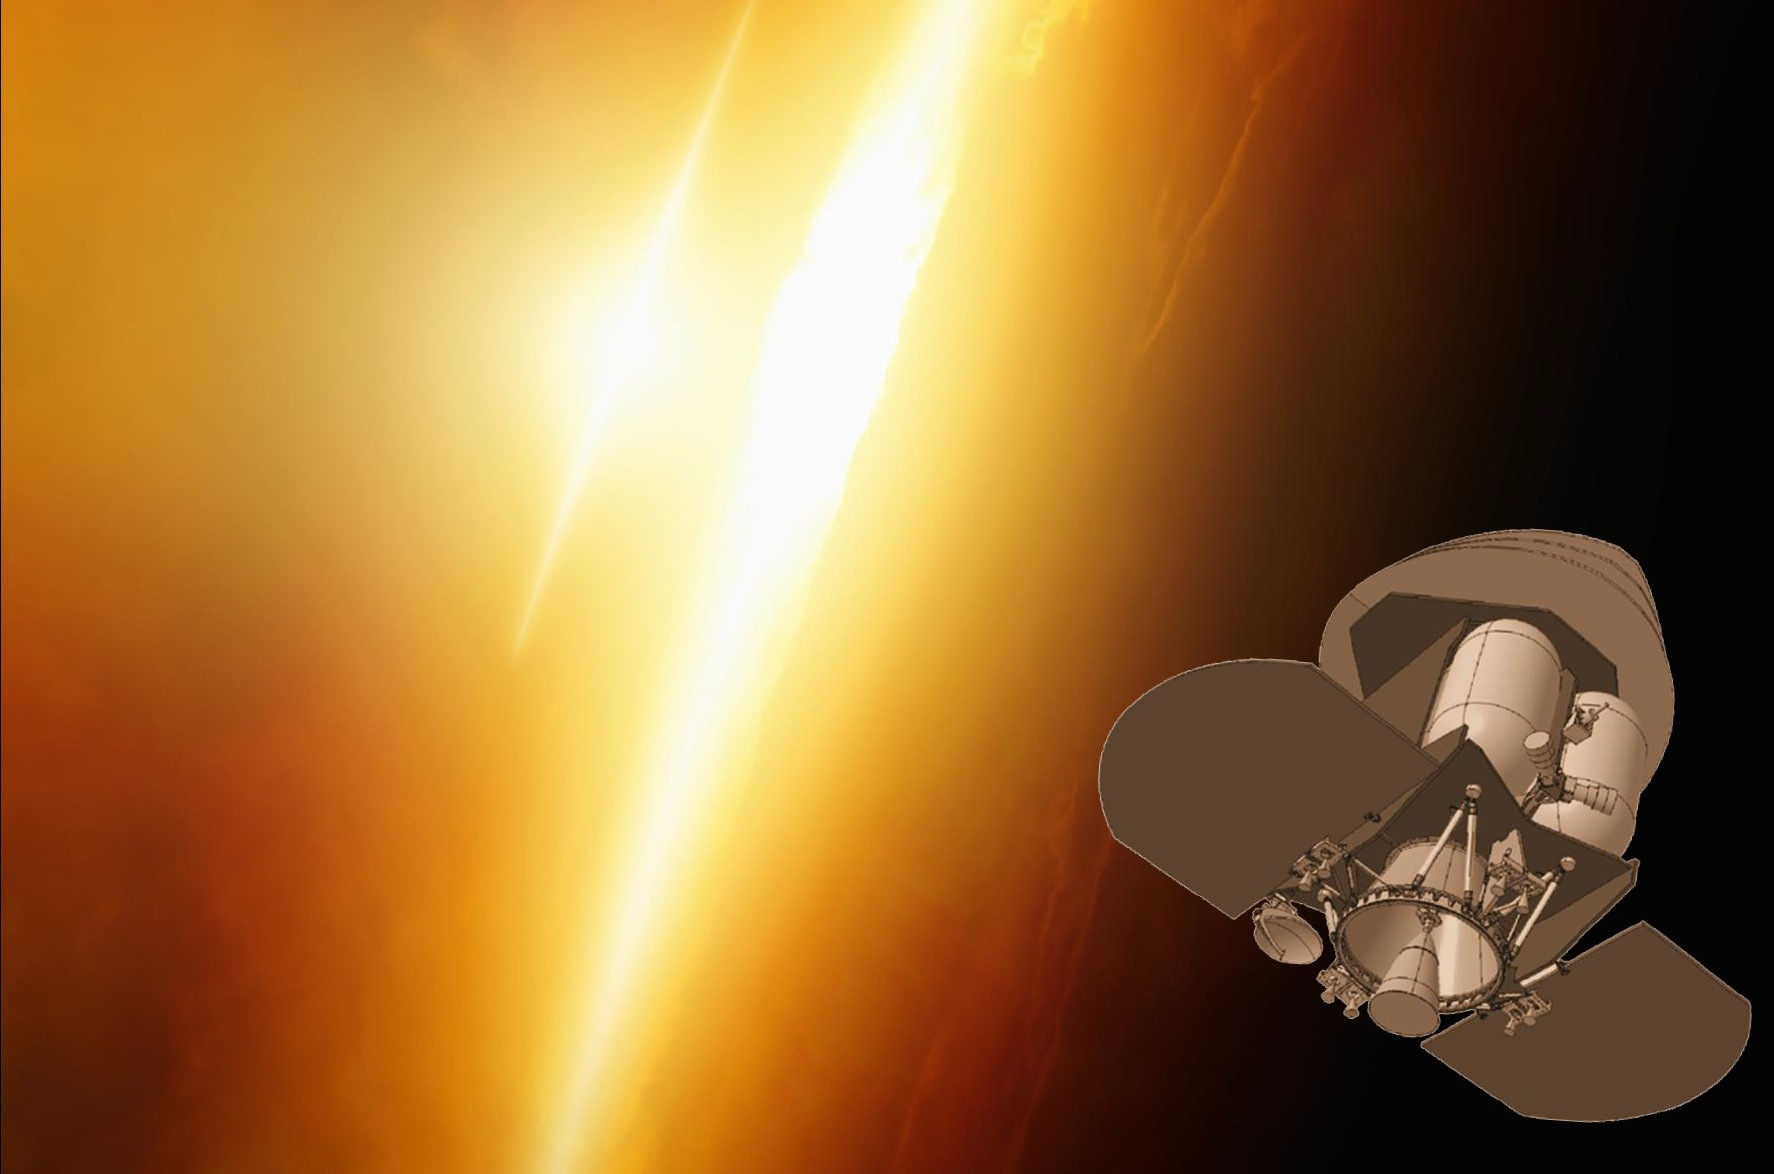 太陽系外惑星観測の次の一歩